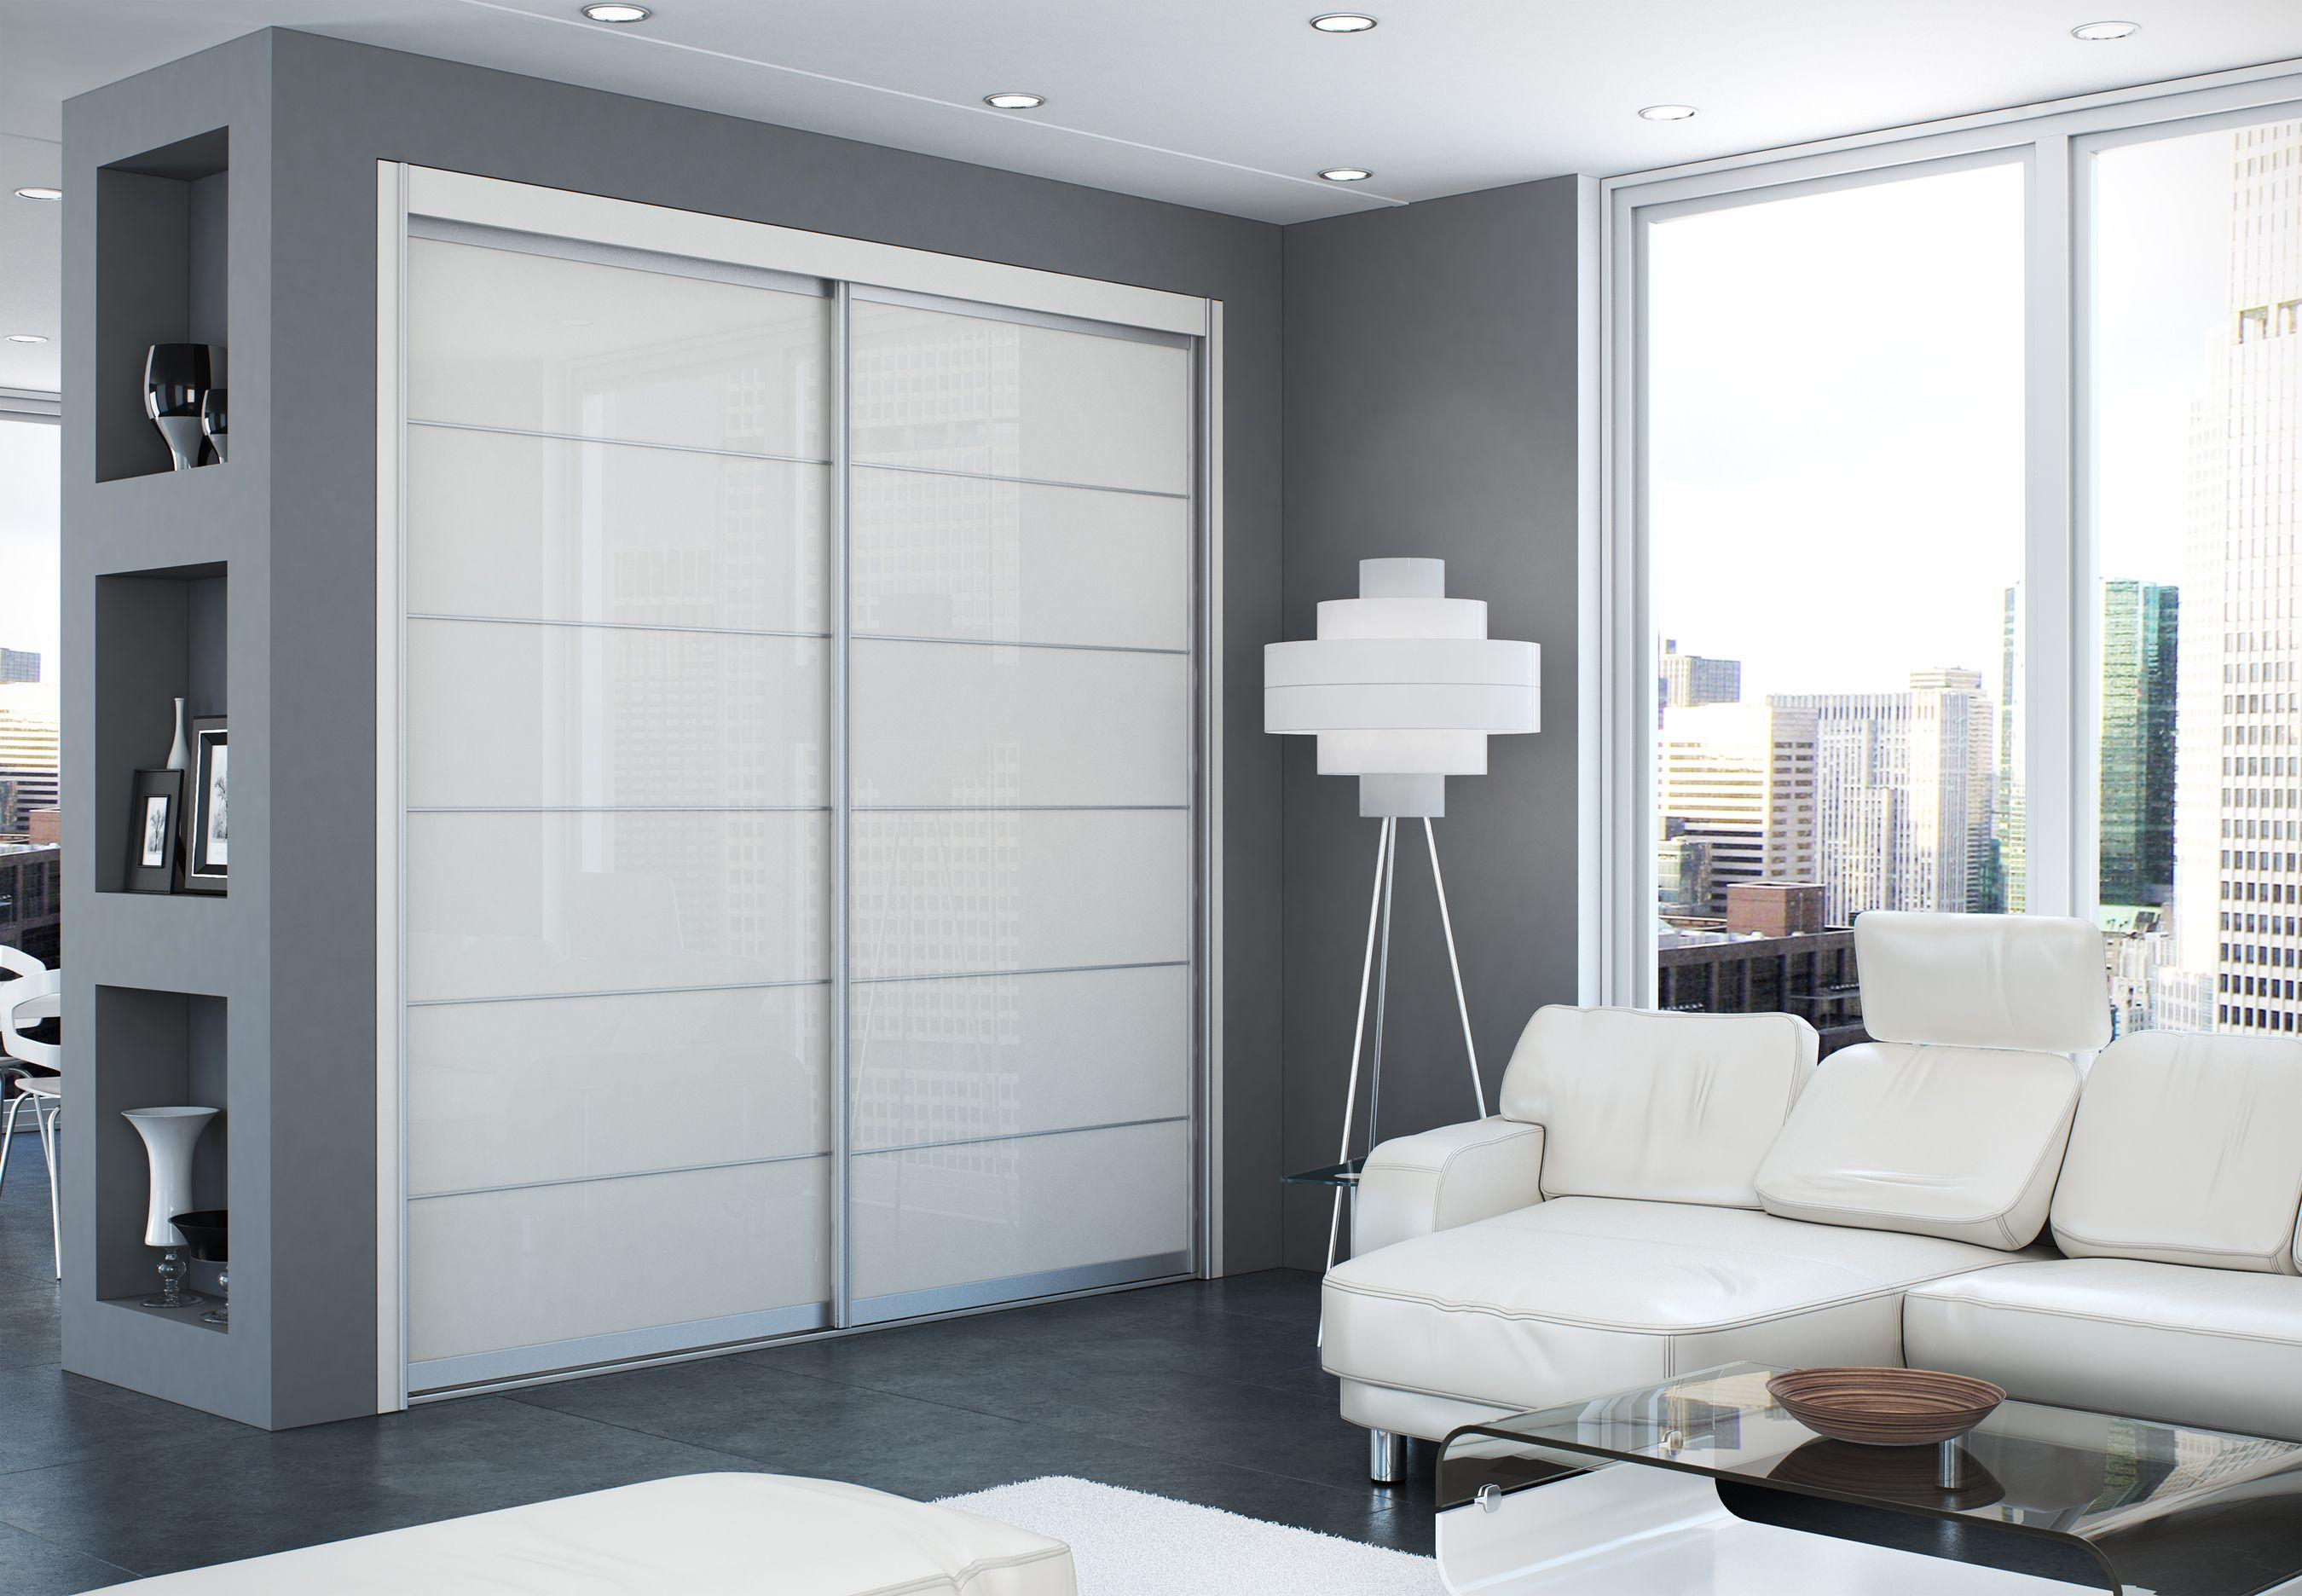 Room Divider Kast : Room divider decor built ins room divider kast easy room divider